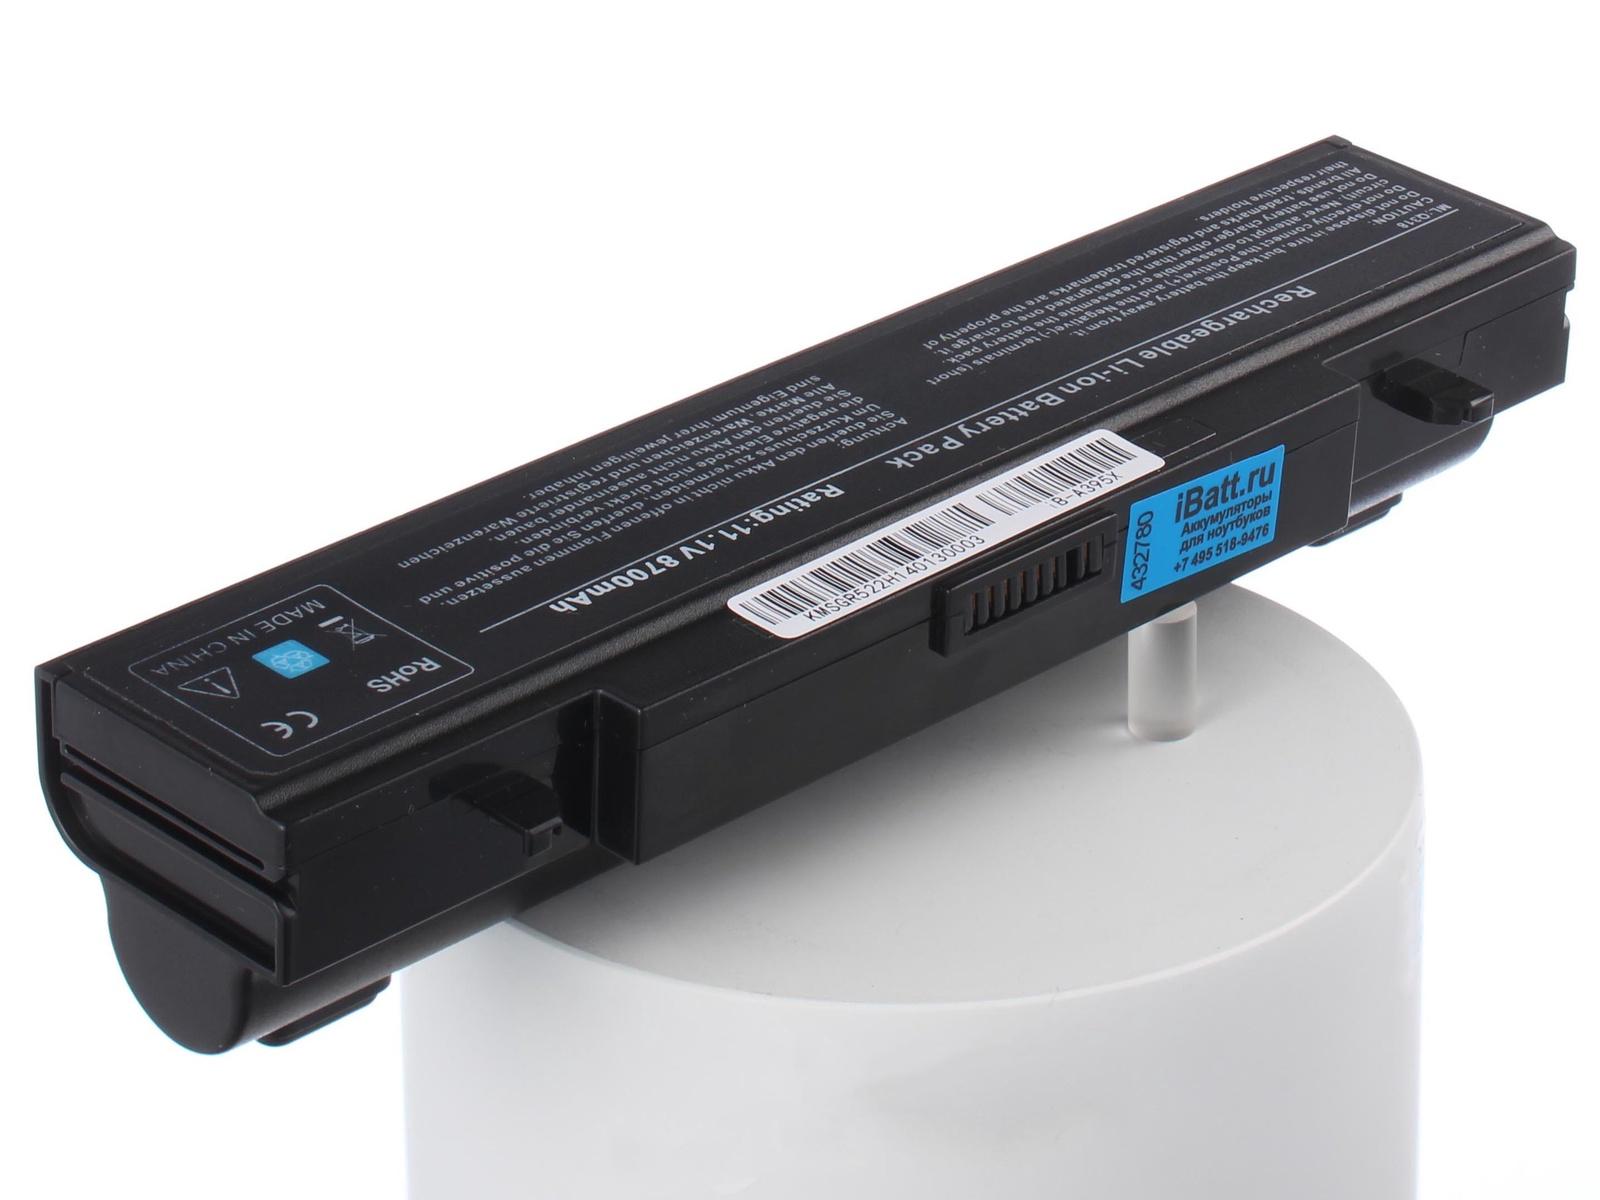 Аккумулятор для ноутбука iBatt для Samsung 300E5A-A03, NP300E5X-U01, RF410, R425-JU03, RC728, RV513-S02, RV511-S08, RV515-S05, 300V5A-S18, 305V5A-S0A, R528-DA04, RV520-A02, 300E5C-U07, R540-JA07, 350V4X, NP350V4C, NP350V5C-A07 аккумулятор для ноутбука anybatt для samsung 305v5a t08 350e7c a02 r528 ds01 300v5a s0u np r620 r525 js02ru r425 jt01 r428 da02 300e5a s09 ativ book 2 270e5e r429 300e5a a04 300e5c a03 355v5c s0n 300e5c u03 350v4c